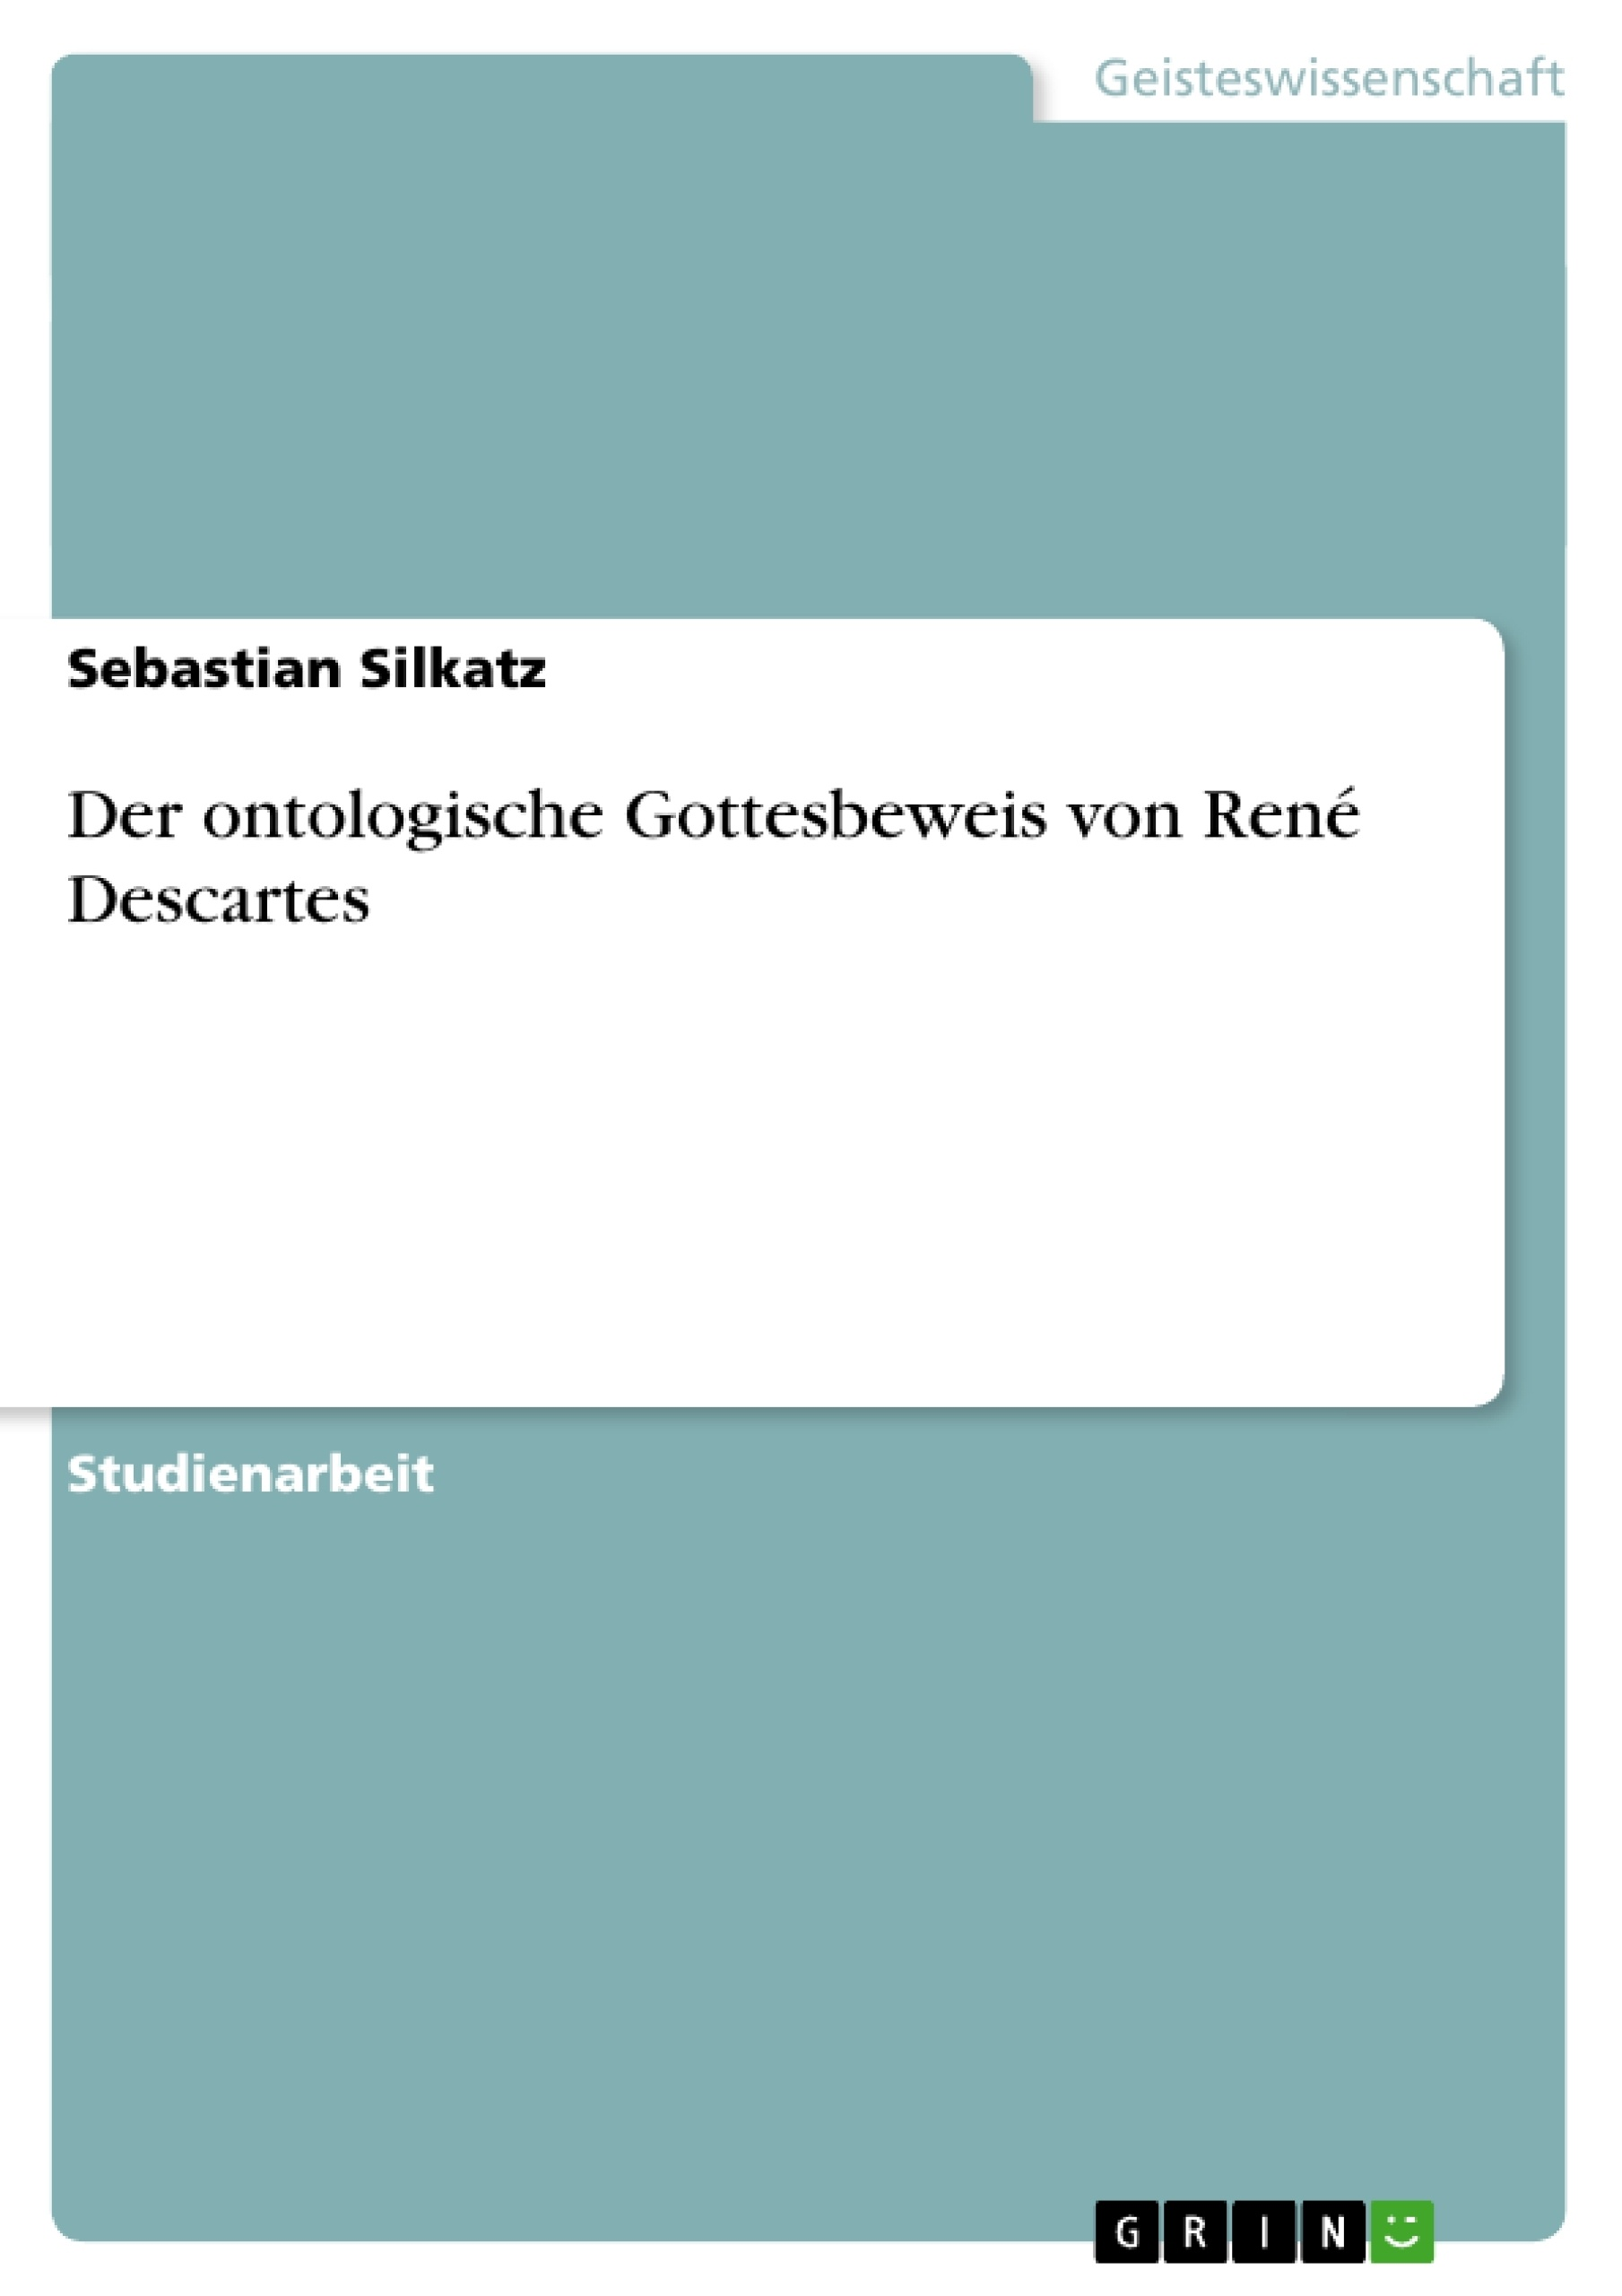 Titel: Der ontologische Gottesbeweis von René Descartes